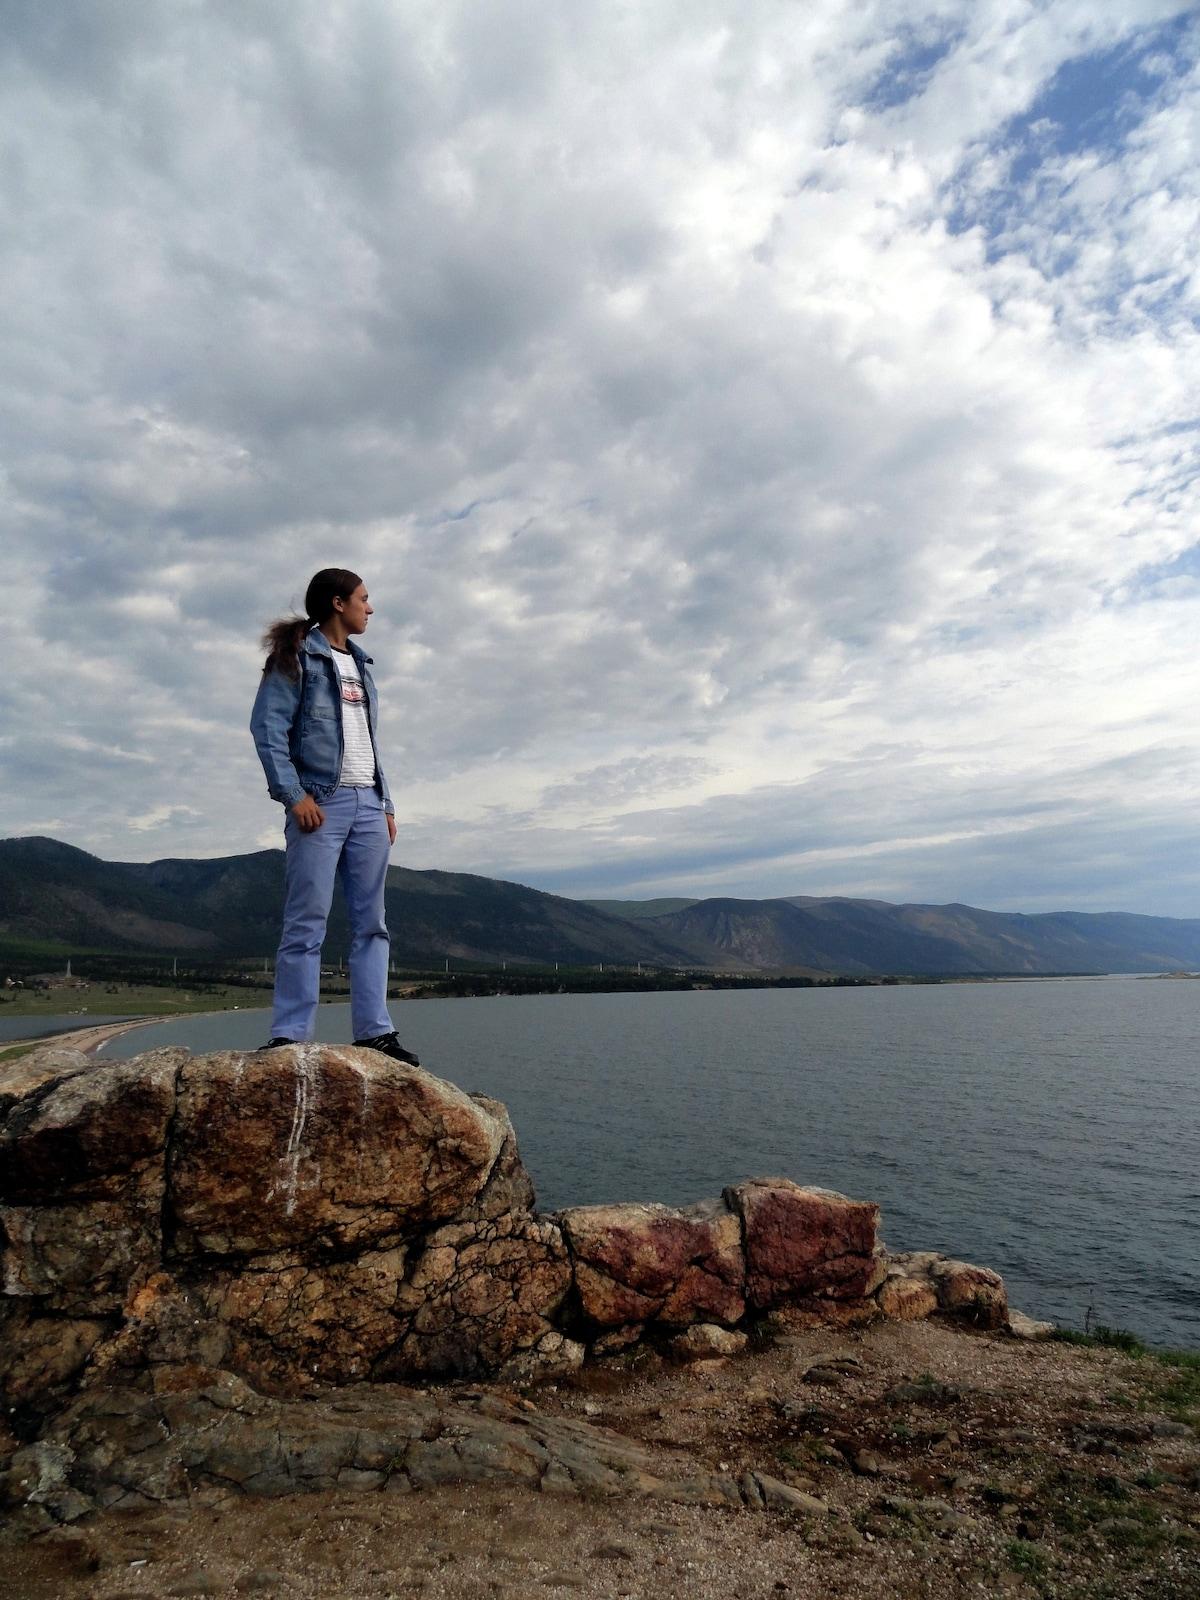 Денис from Tula